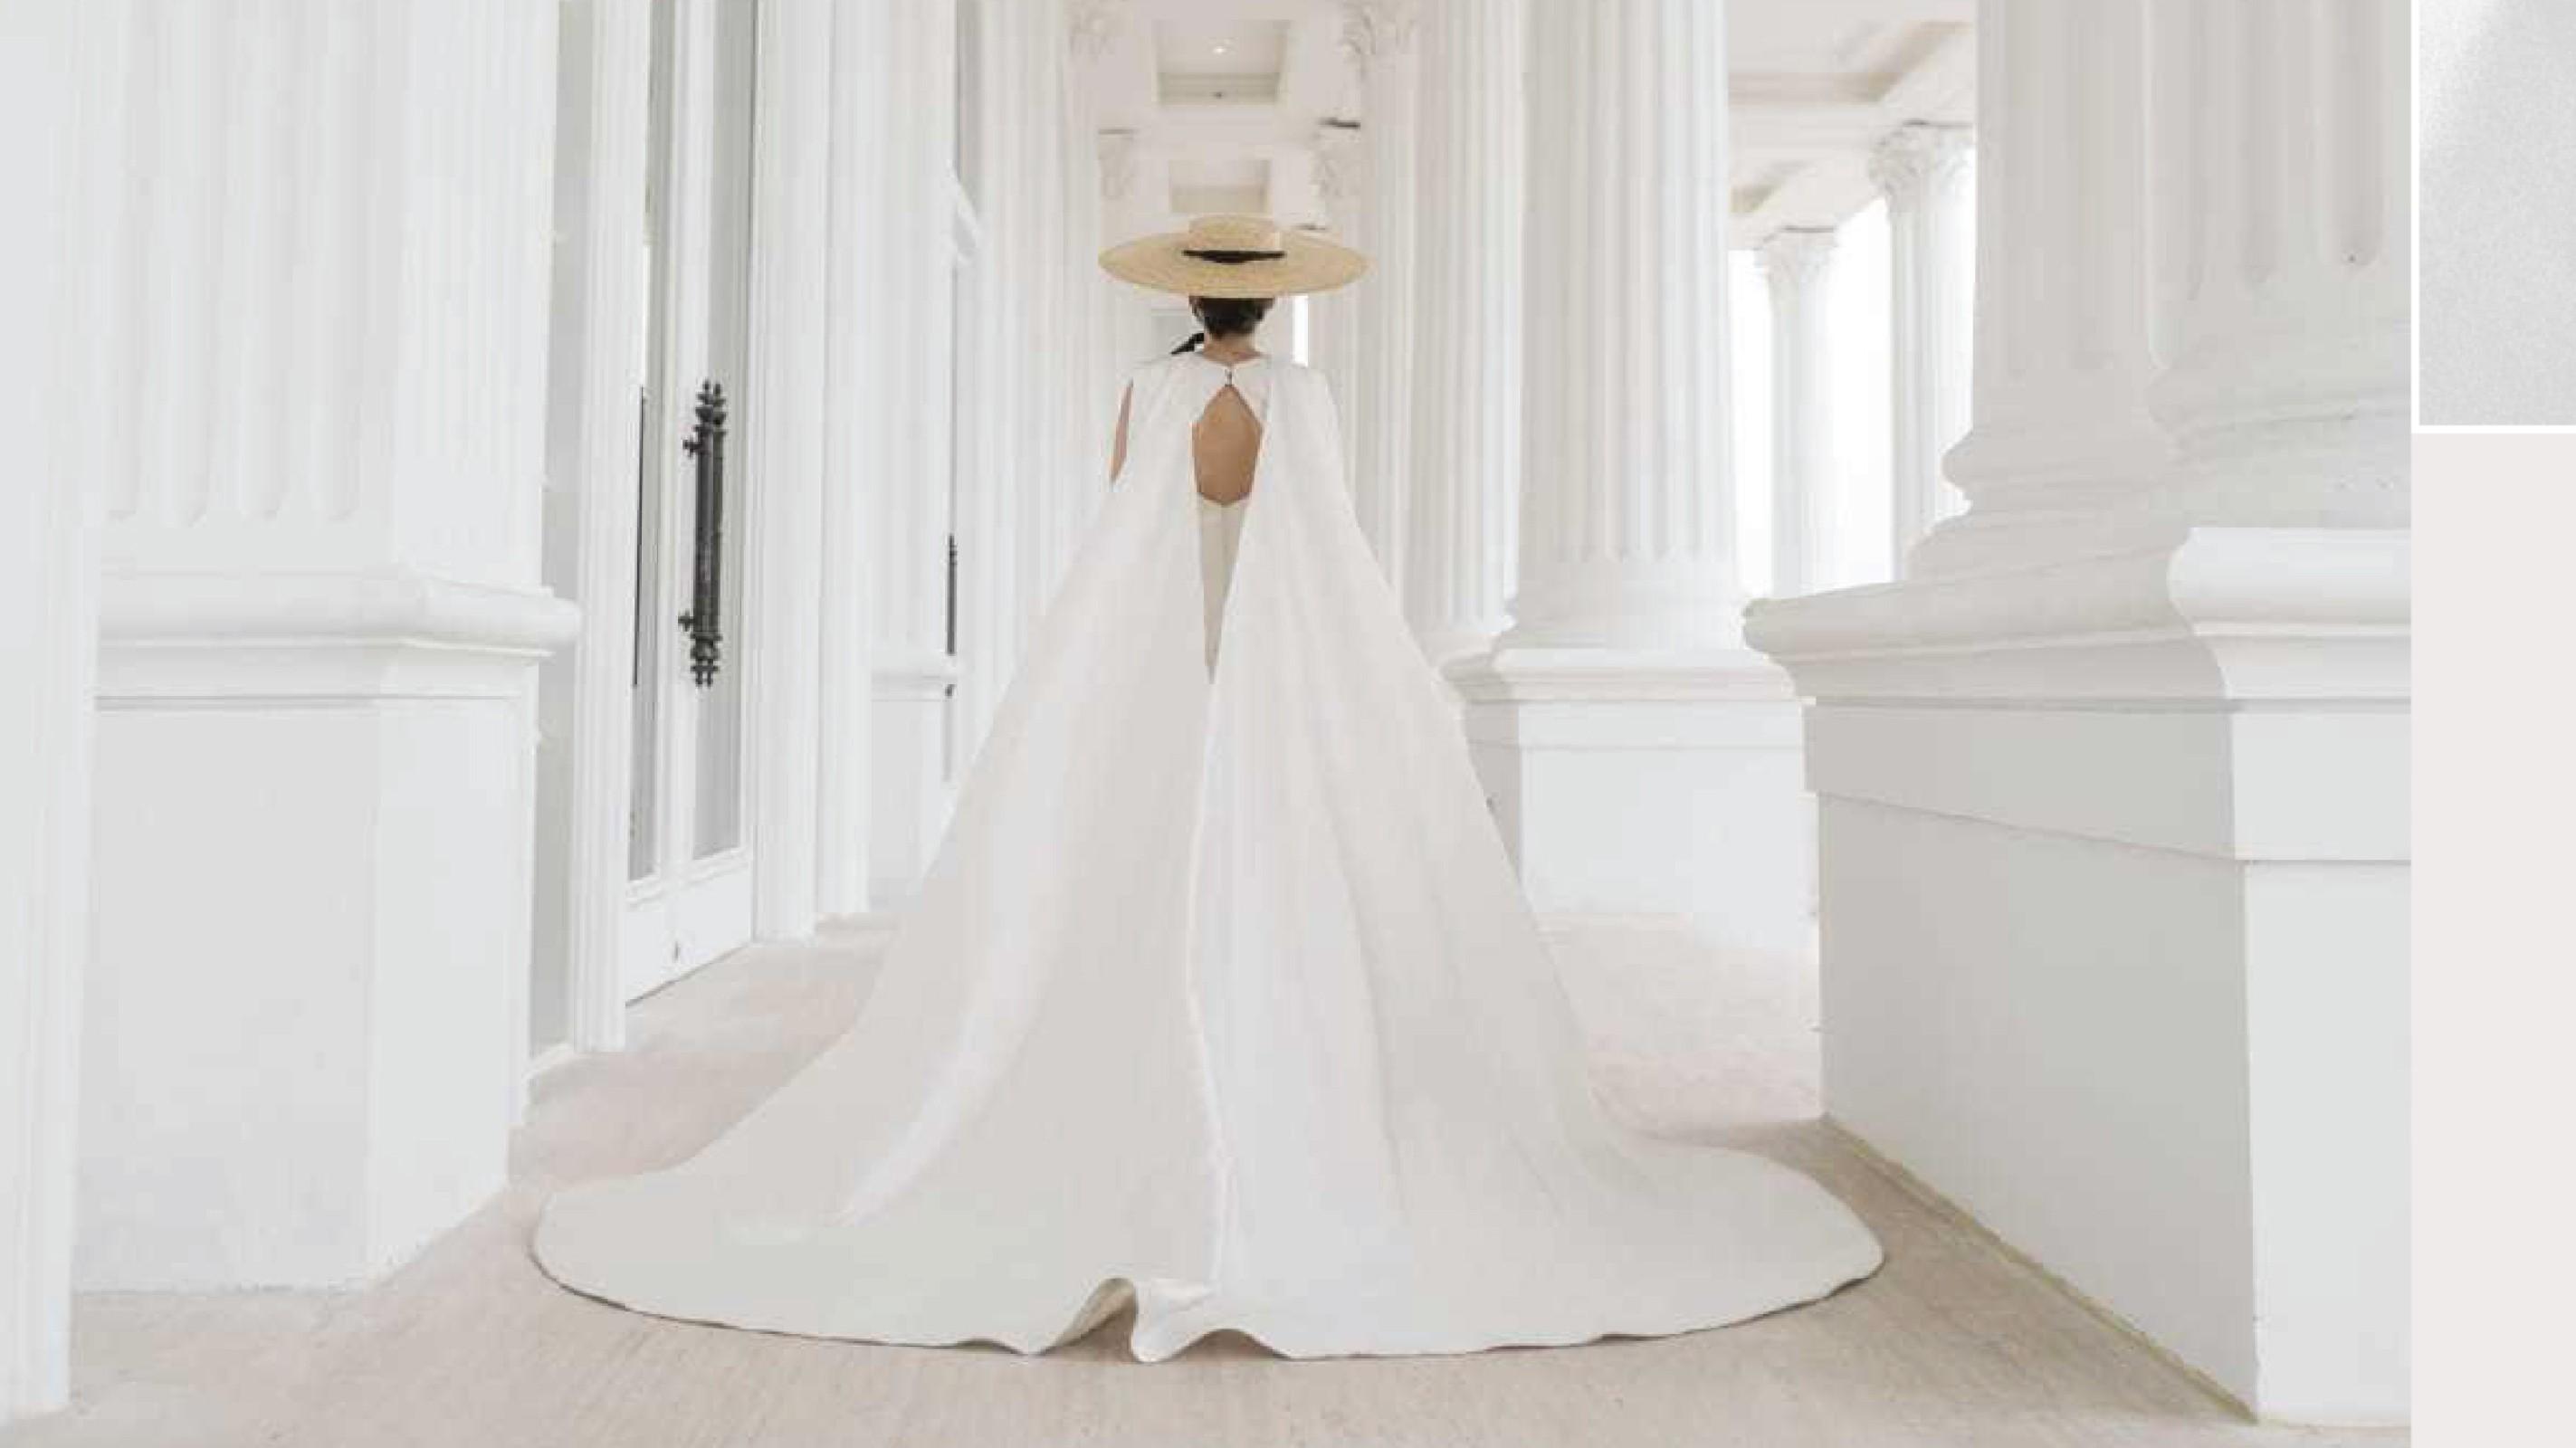 dream-wedding__n5CZa.jpg